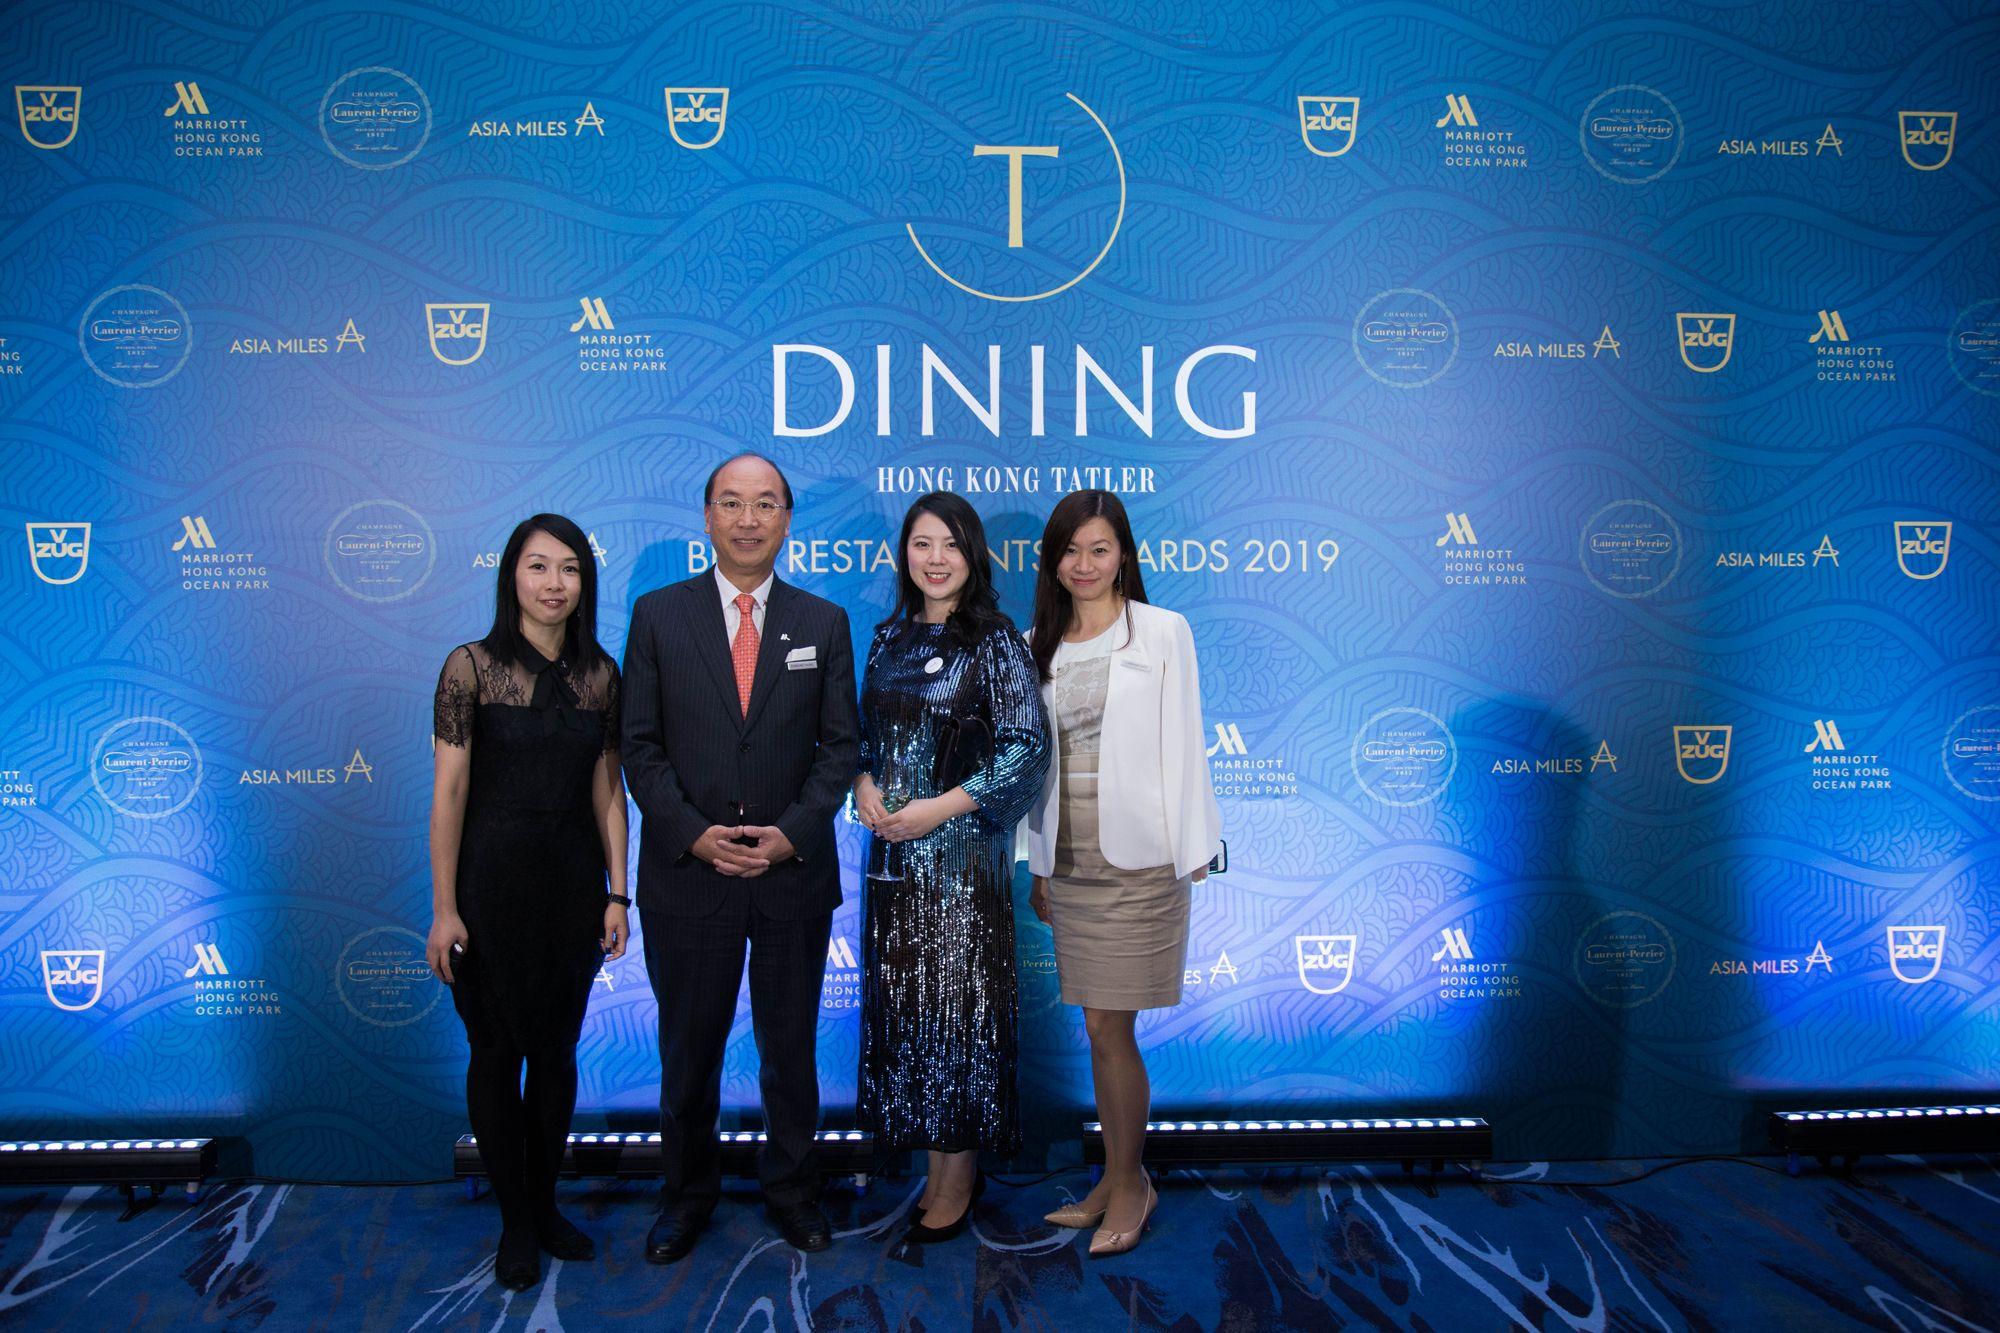 Carman Chow, Edmond Hung, Charmaine Mok, Carman Choi